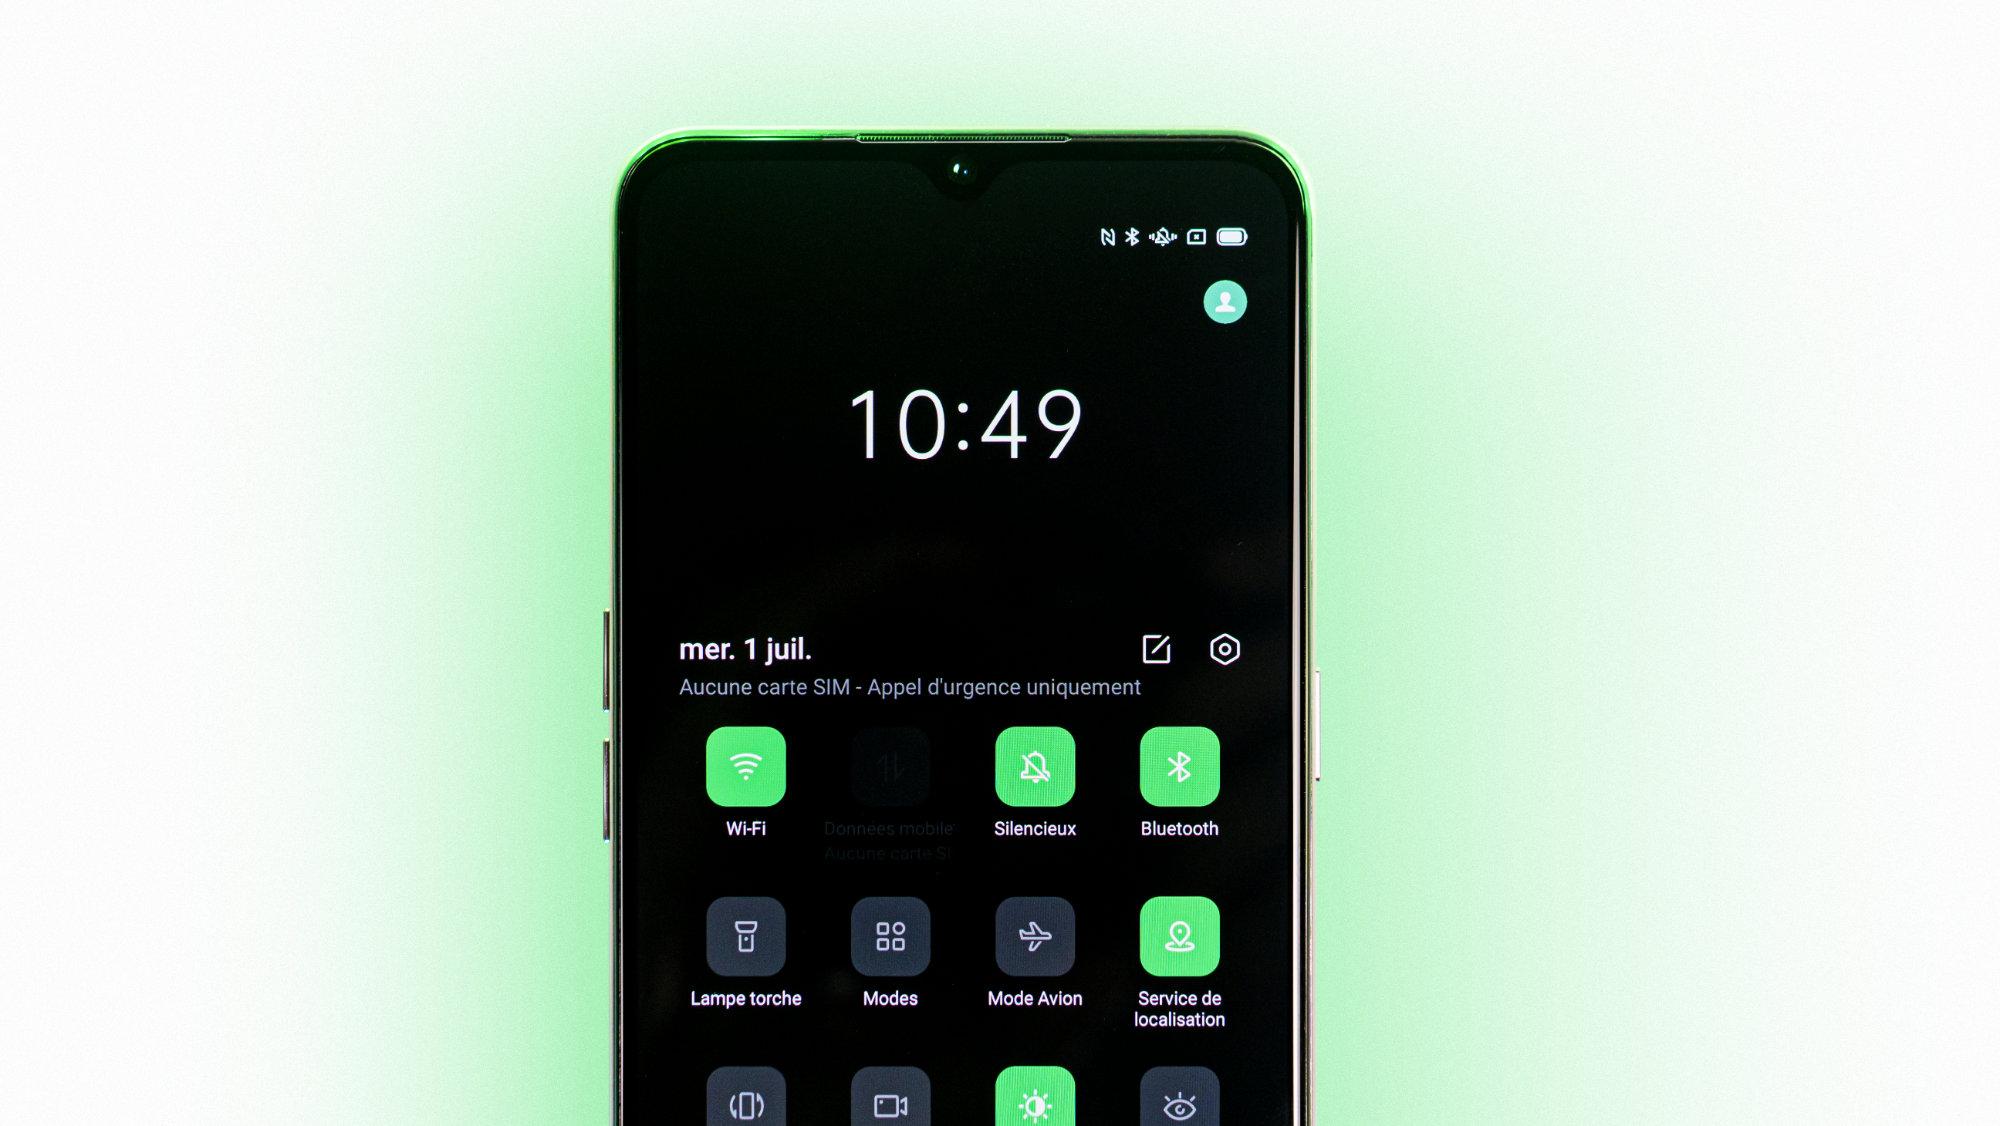 Avec ColorOS 7, OPPO propose l'une des interfaces les plus complètes d'Android